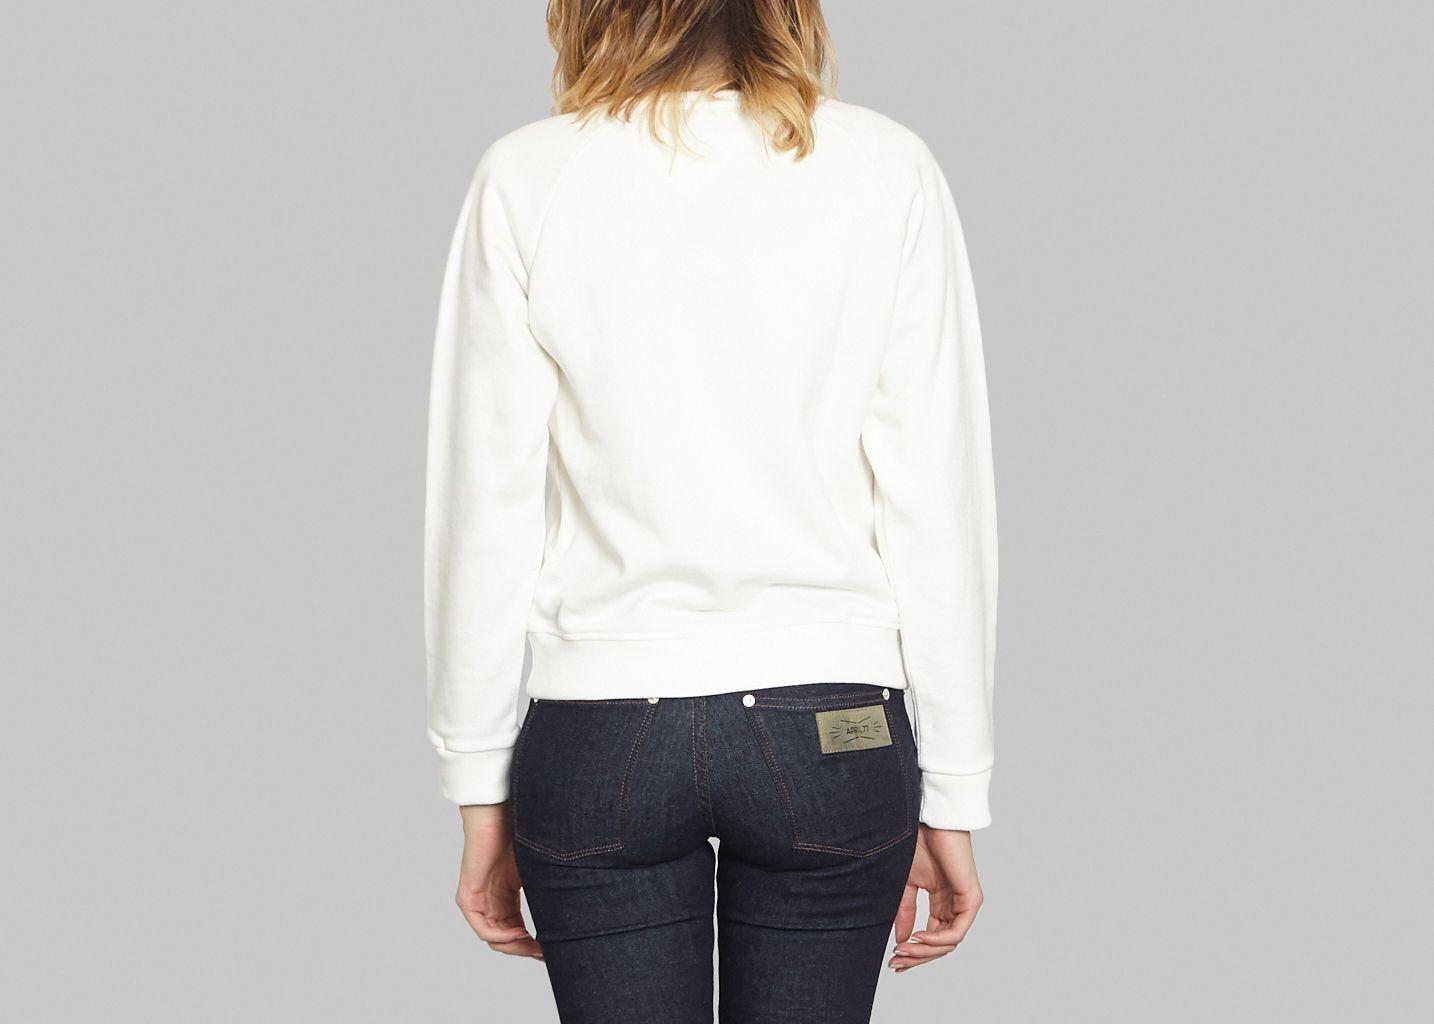 Parisienne Sweatshirt - Maison Kitsuné